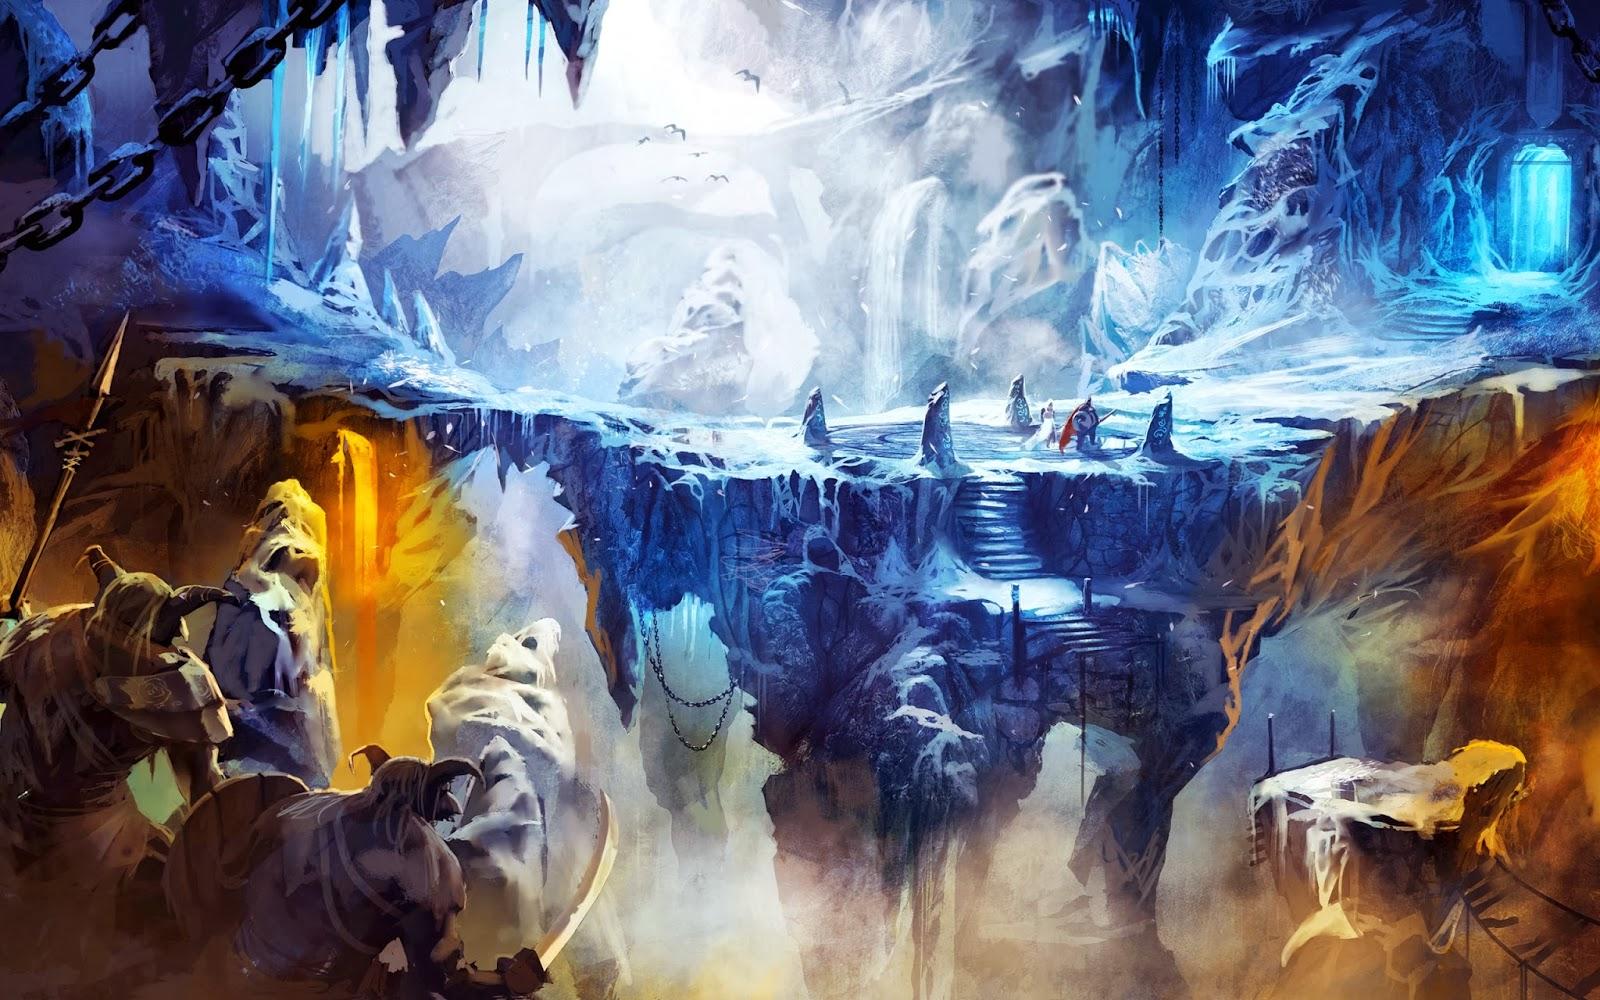 frozen cave in trine wallpapers - Frozen Cave in Trine 2 Wallpapers HD Wallpapers